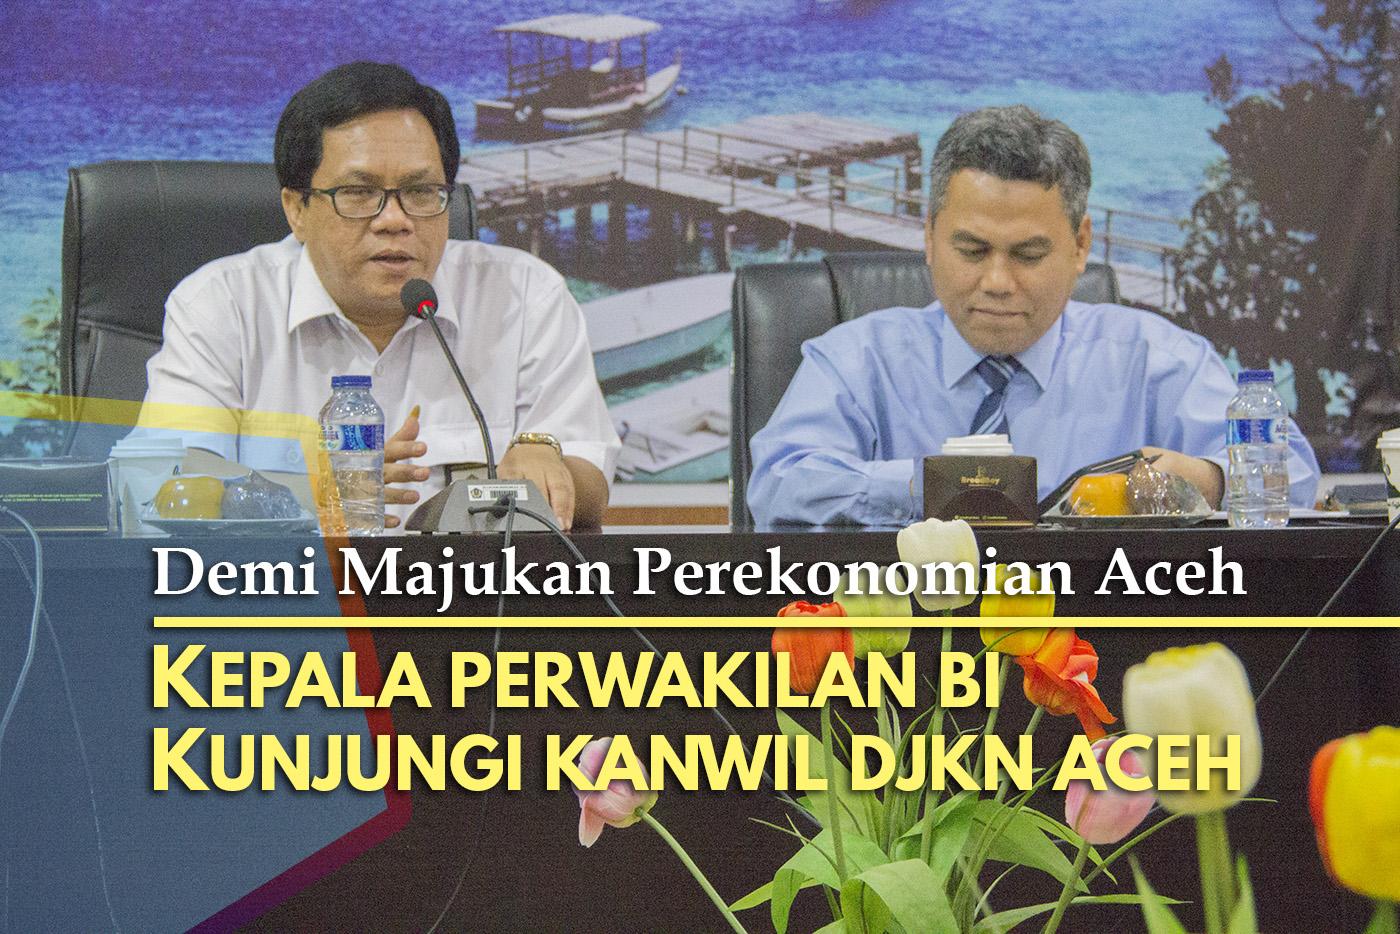 Pertemuan di sela-sela kesibukan penilaian kembali Barang Milik Negara (BMN)